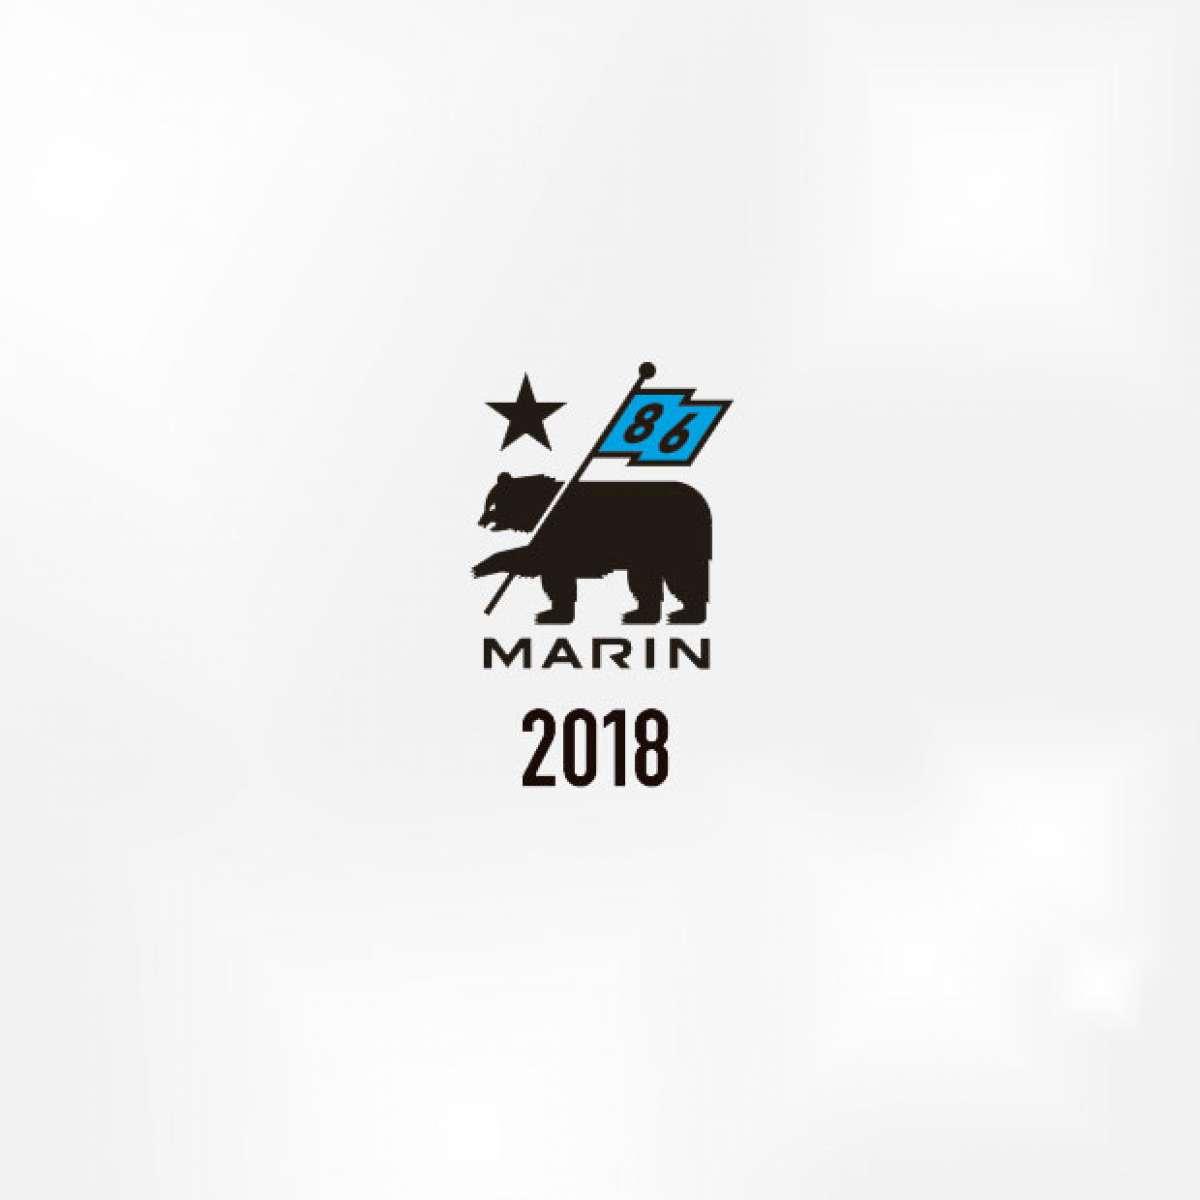 Catálogo de Marin 2018. Toda la gama de bicicletas Marin para la temporada 2018